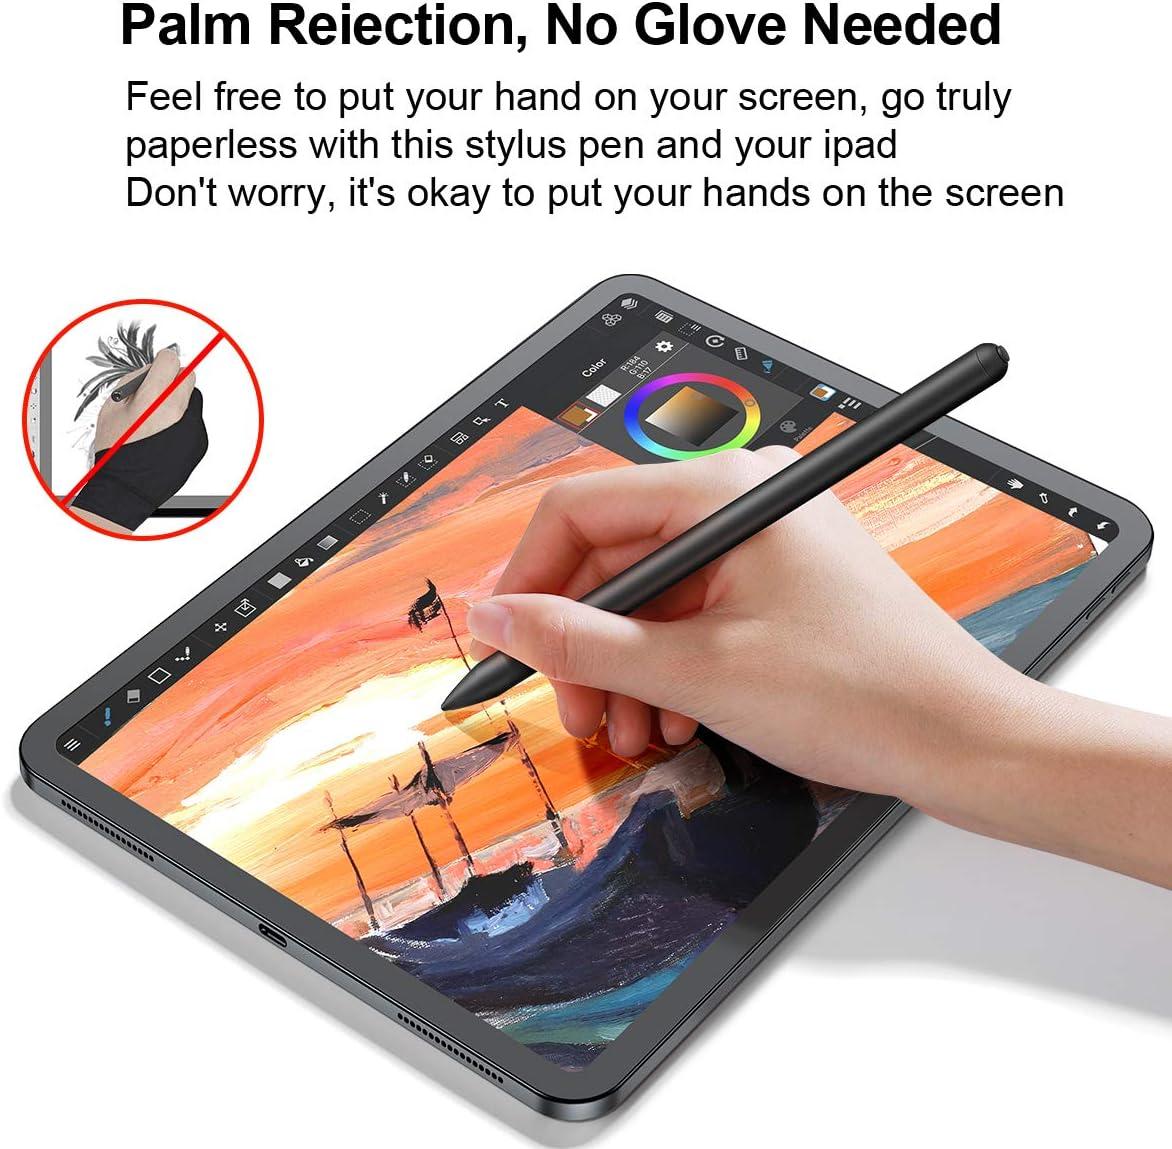 11//12,9 3//4a Gen 3//4a Gen 6//7//8a Gen 5a Gen //iPad Penna Stilo per iPad 2018-2020,Pulsante fisico,Palm Rejection,Magnetico WOEOA Alta Precisione Pennino Stilo con iPad PRO //iPad Mini //iPad Air